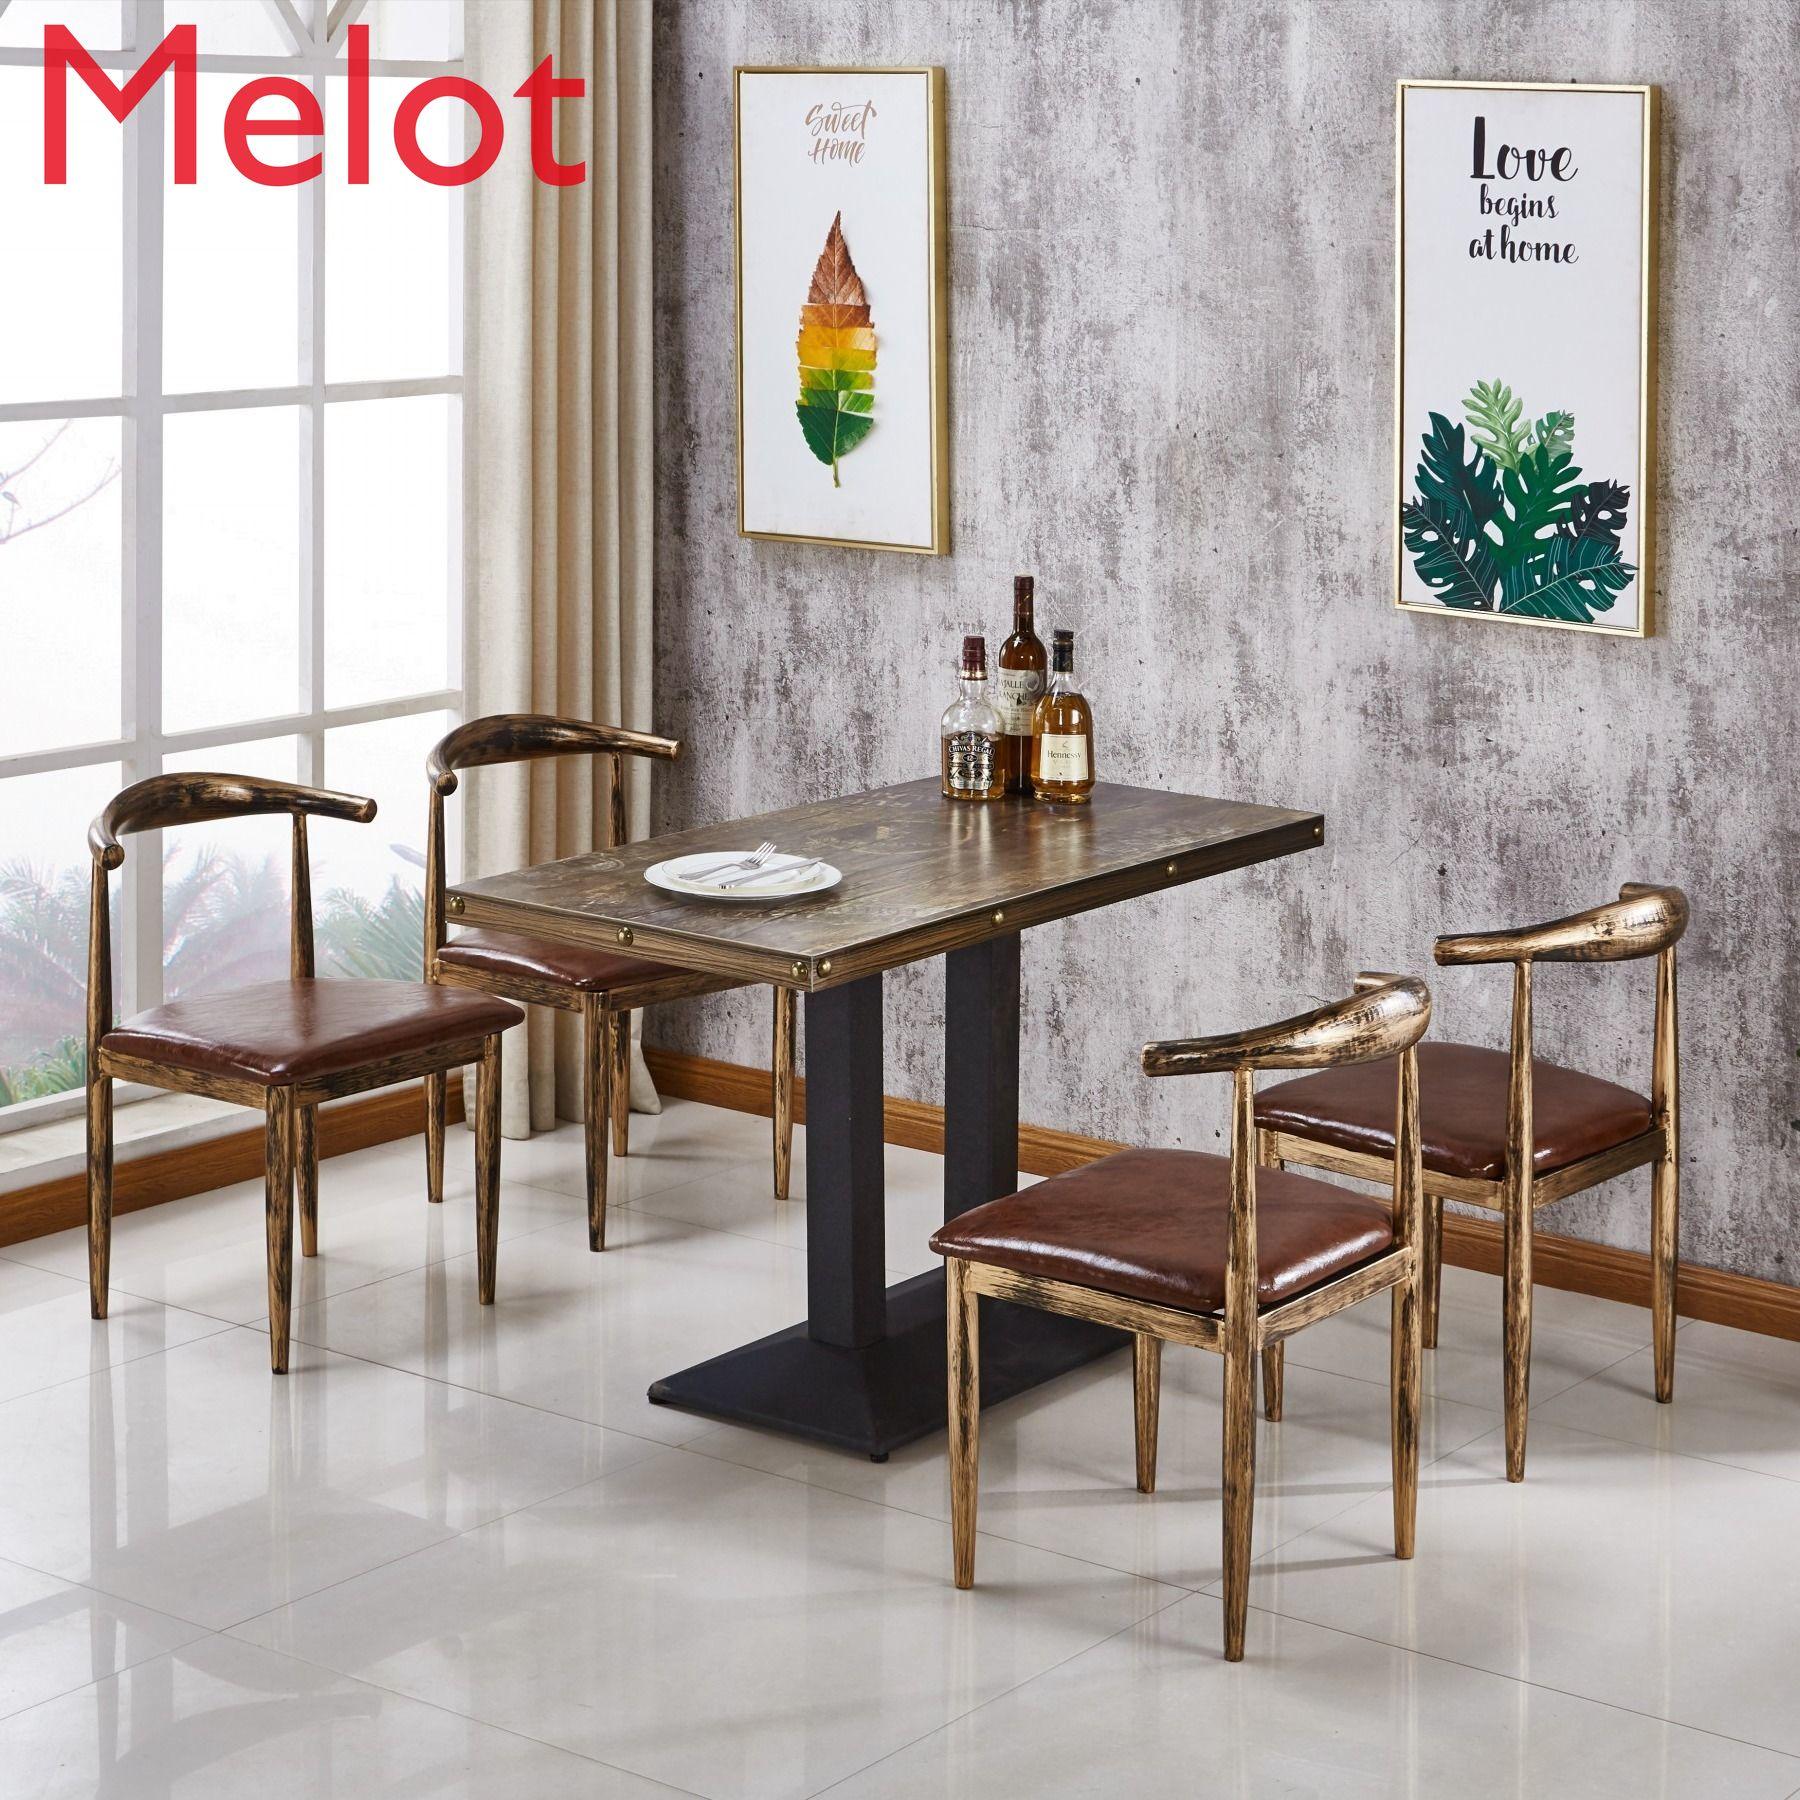 الراقي الرجعية الحديد المطاوع شريط قديم الشواء الجدول وكرسي حديقة المنزل شرفة طاولة عرضية وكرسي الجمع